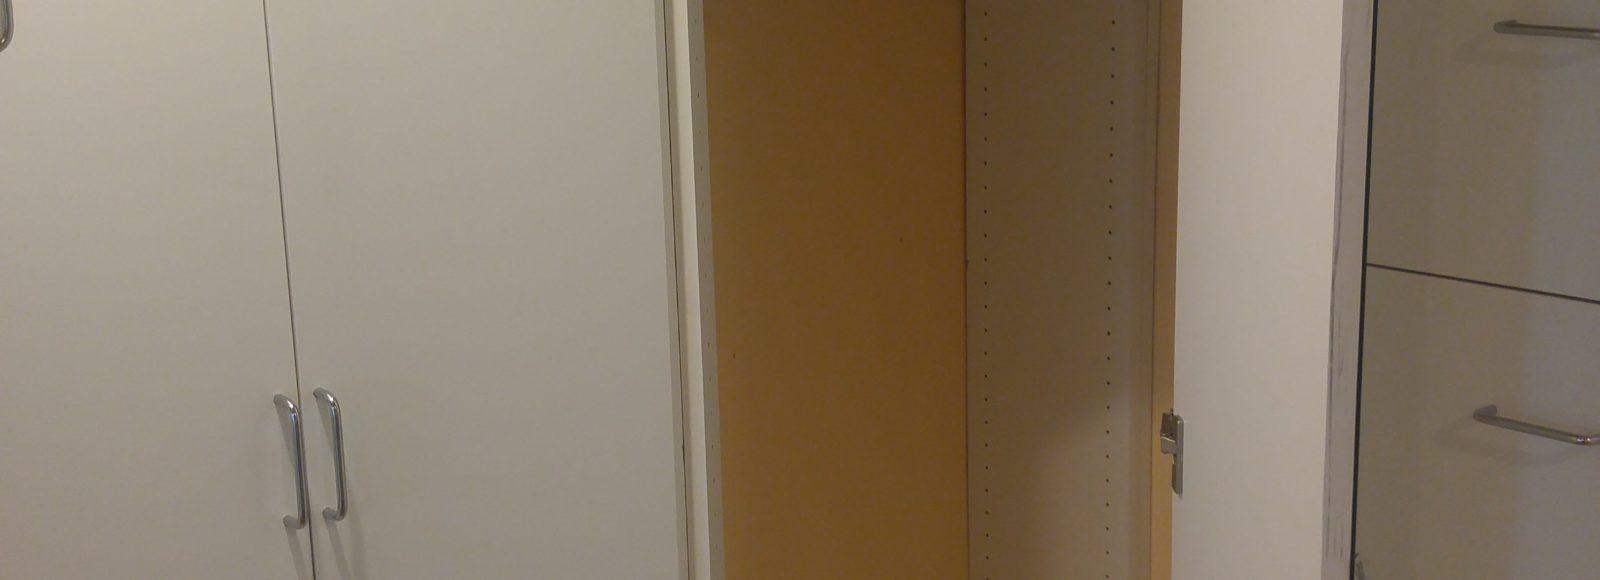 Corner Closet Storage